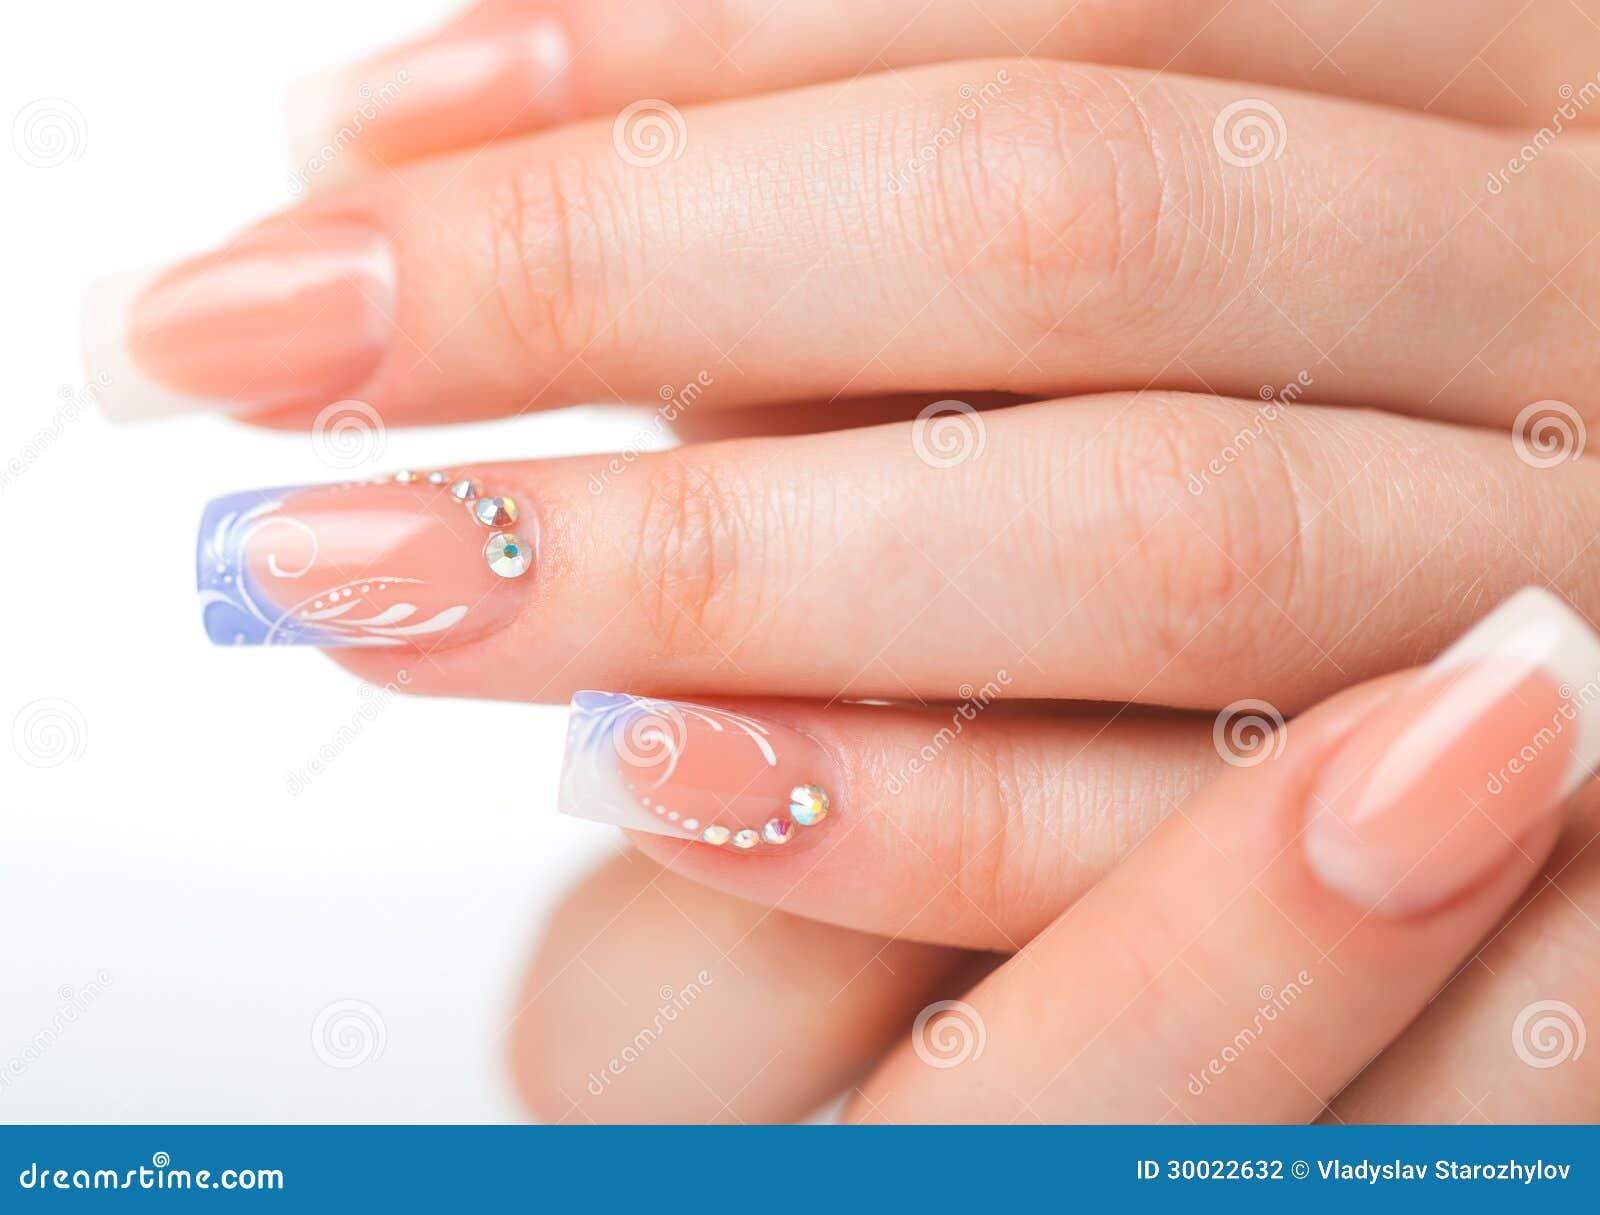 Нежный френч на ногтях с рисунком фото